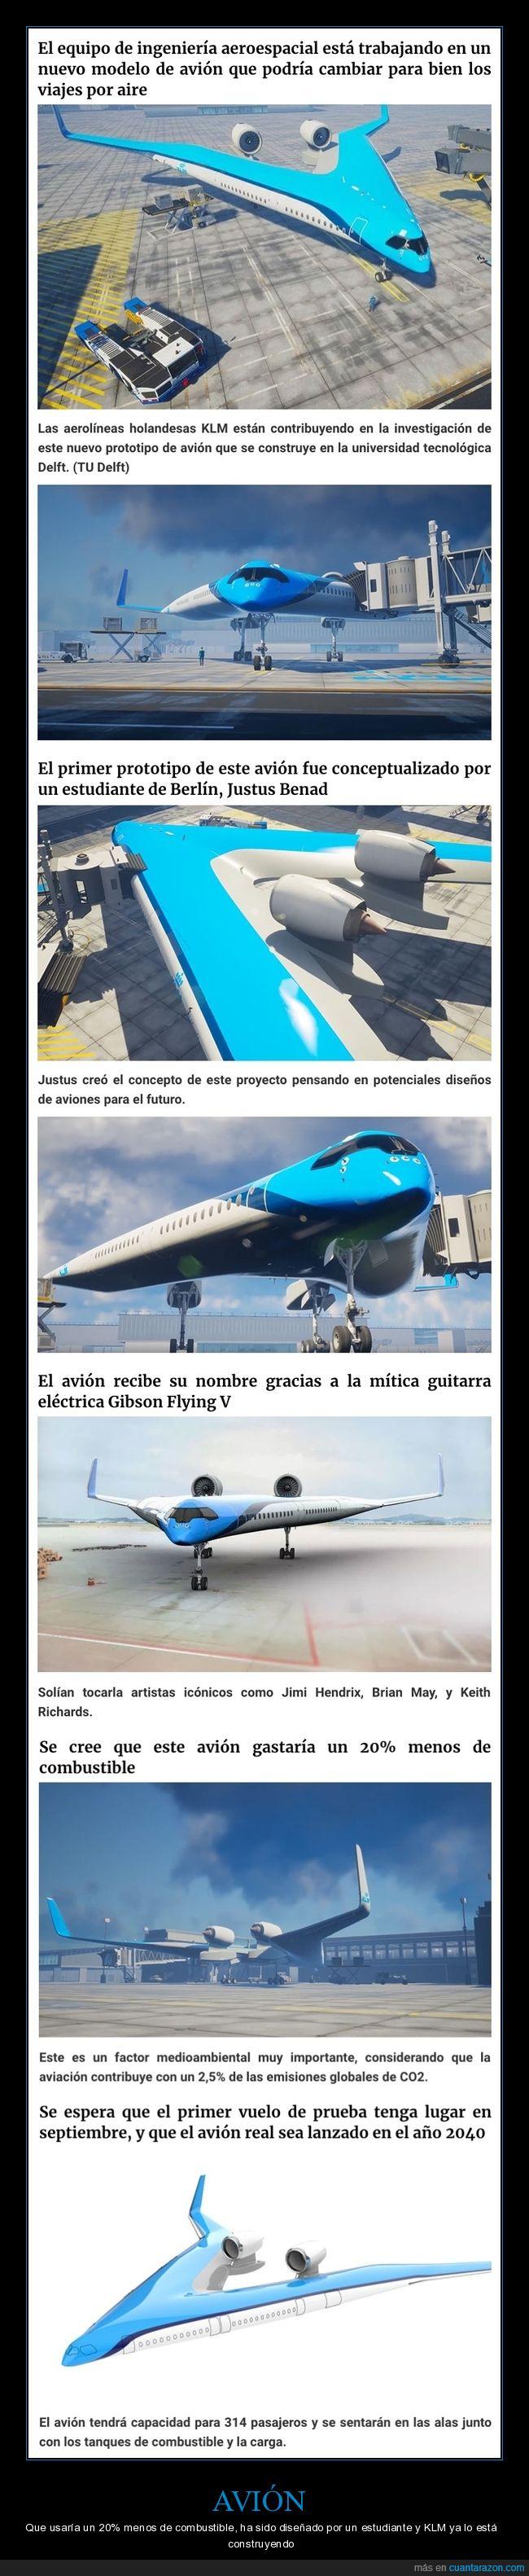 avión,combustible,diseño,estudiante